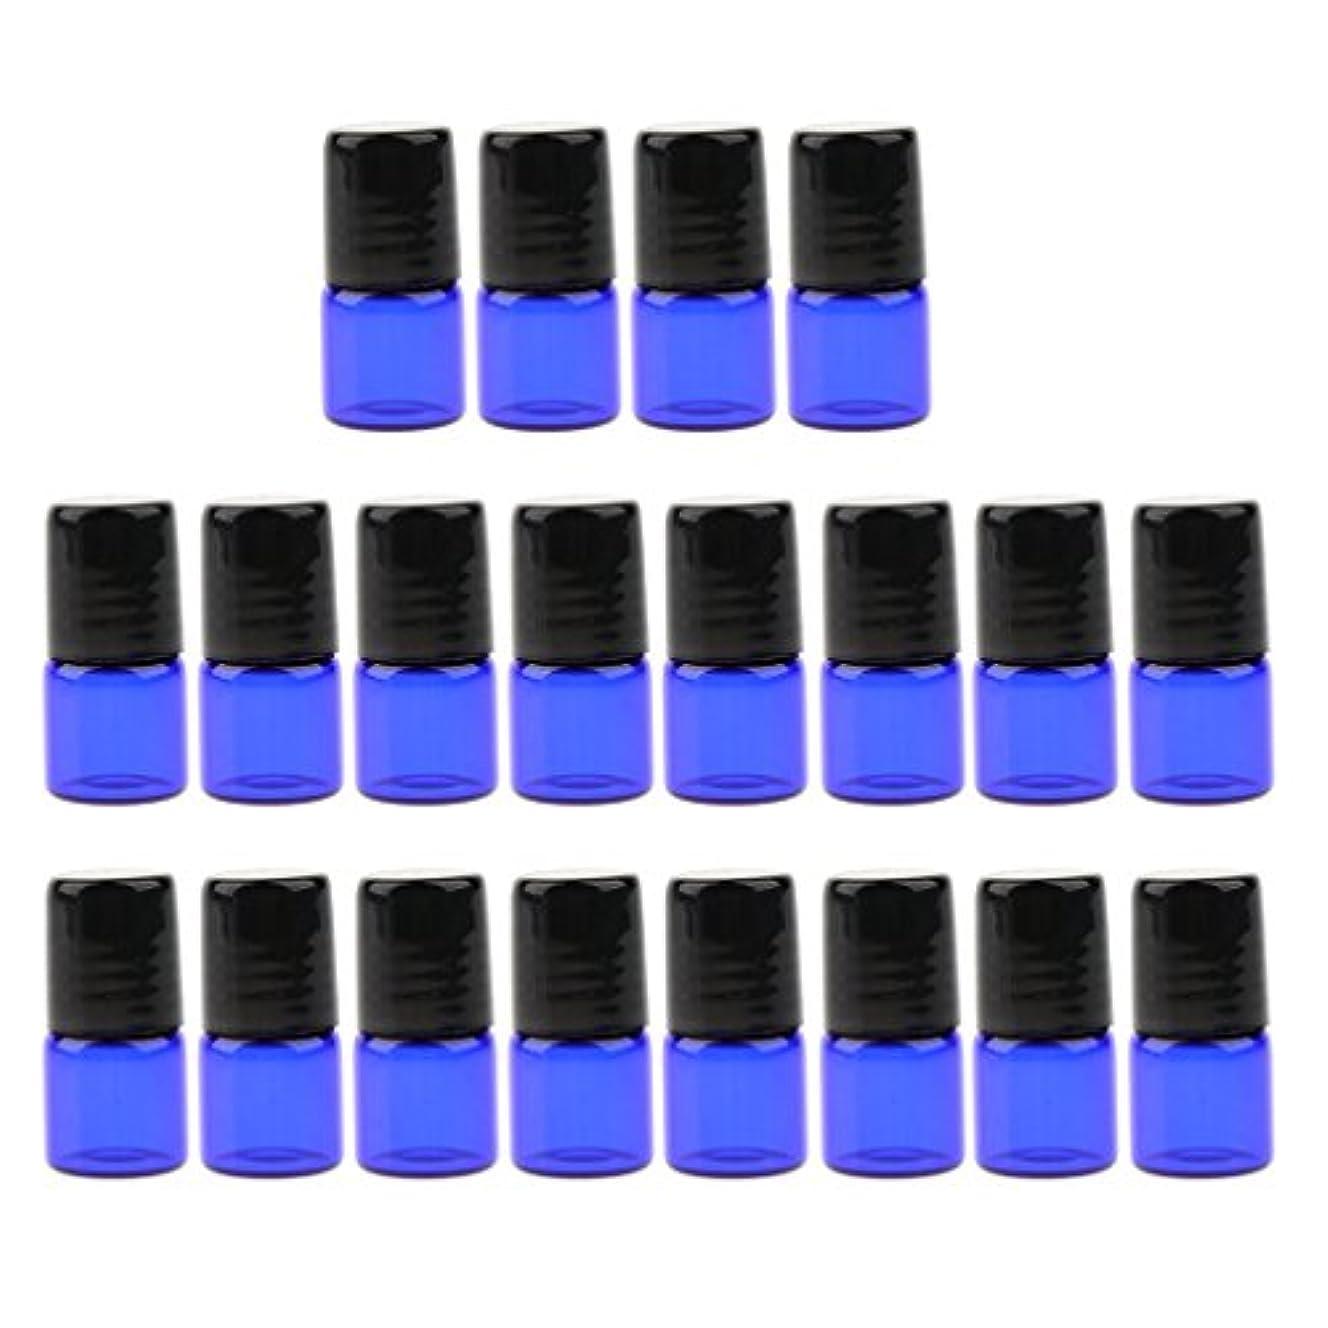 つば社会主義者手つかずのエッセンシャルオイル ボトル ガラス ローラーボール 香水ボトル 詰め替え可能な 3サイズ選べ - 1 ml